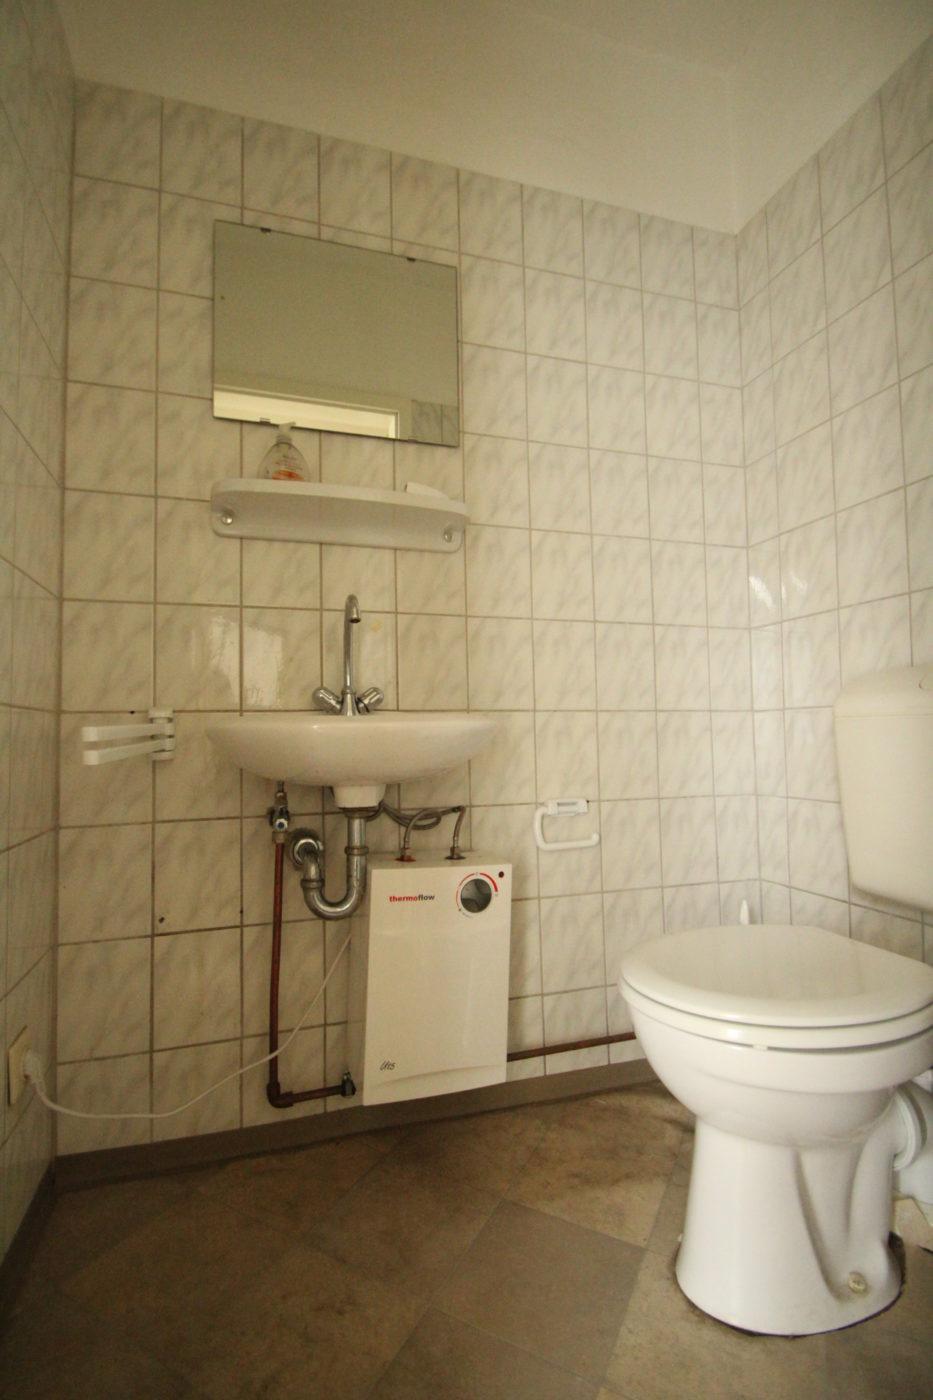 Vorher Foto eines in die Jahre gekommenen Gäste-WC´s. Nachdem Homestaging eingesetzt wurde, sah auch das Gäste-WC gleich viel freundlicher aus